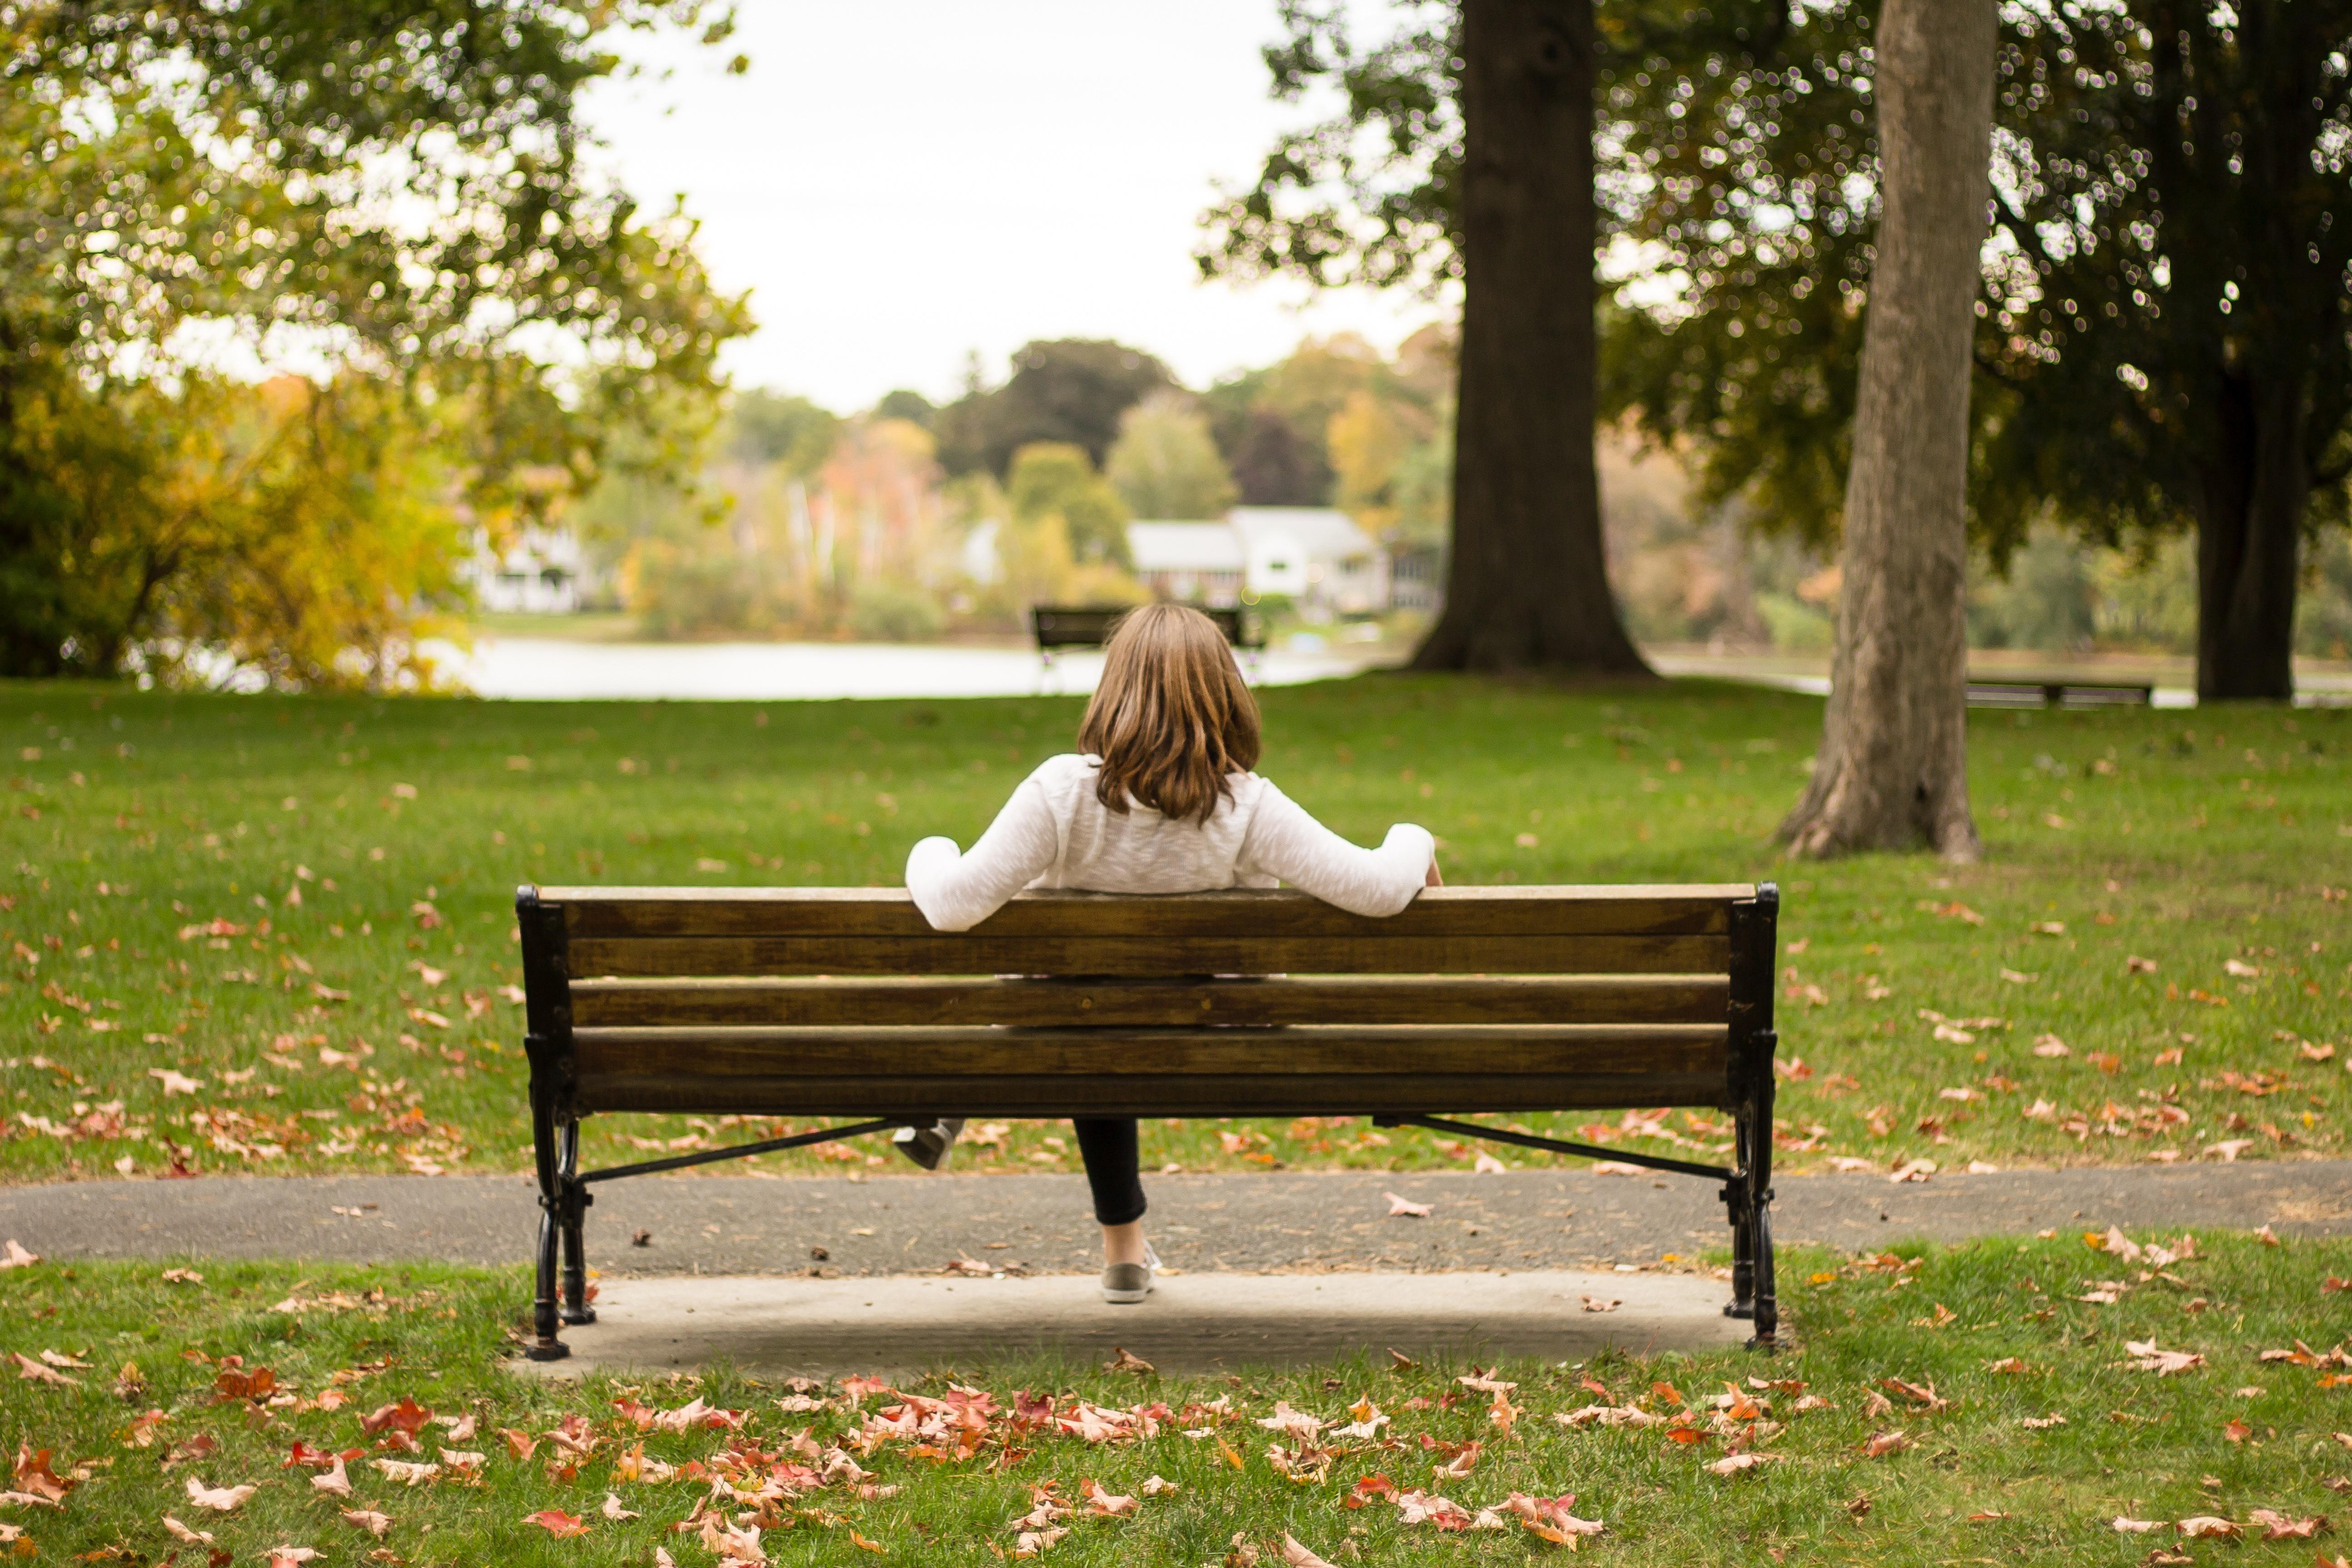 несколько люди сидят на скамейке картинки стыковке